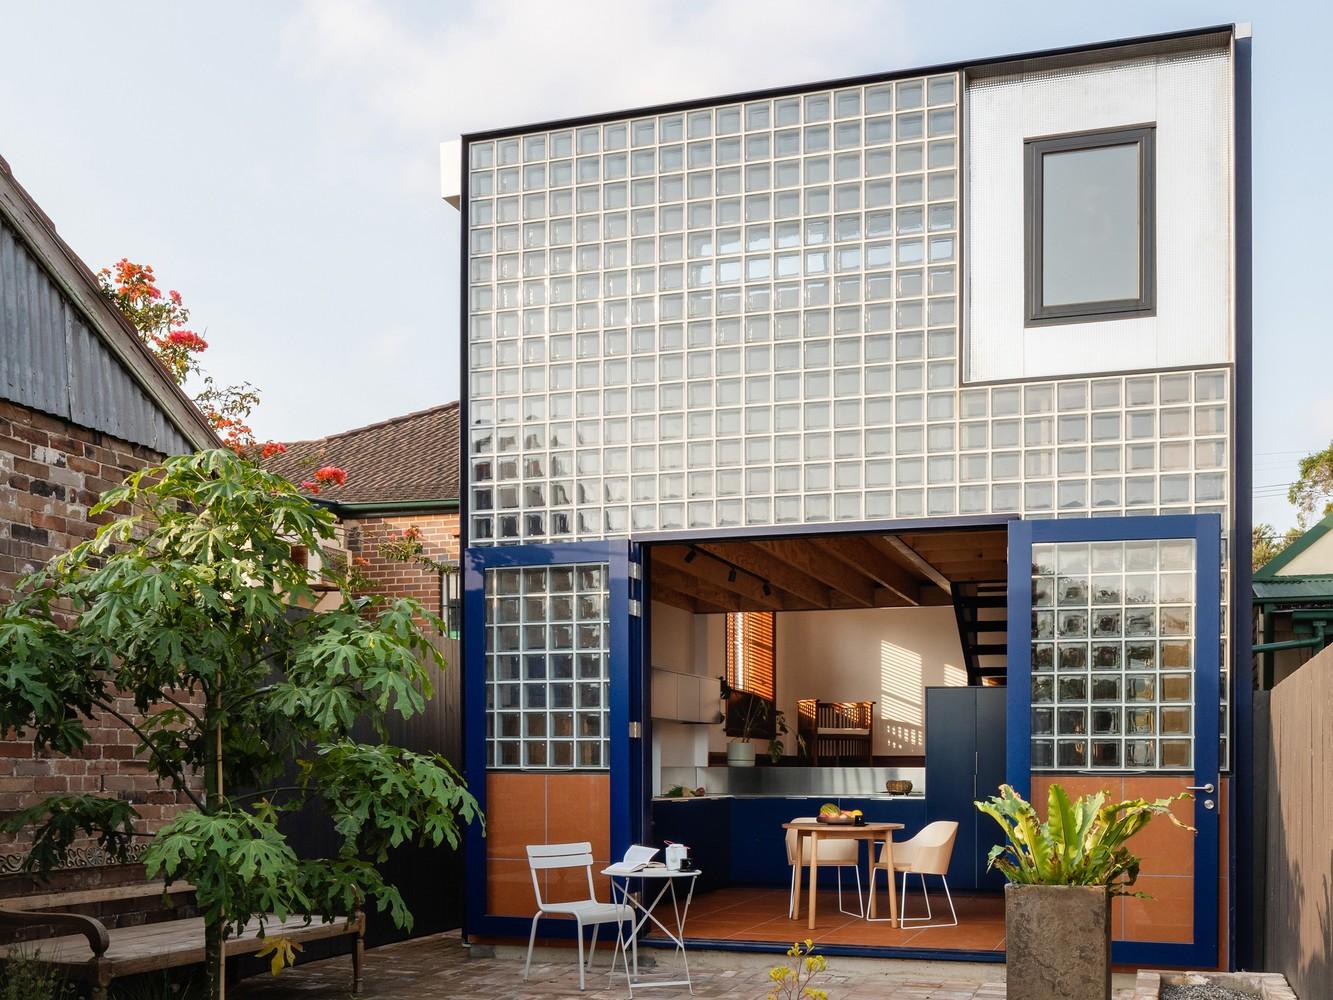 Các xu hướng kiến trúc mới mẻ và nổi bật trên thế giới - Ảnh 23.